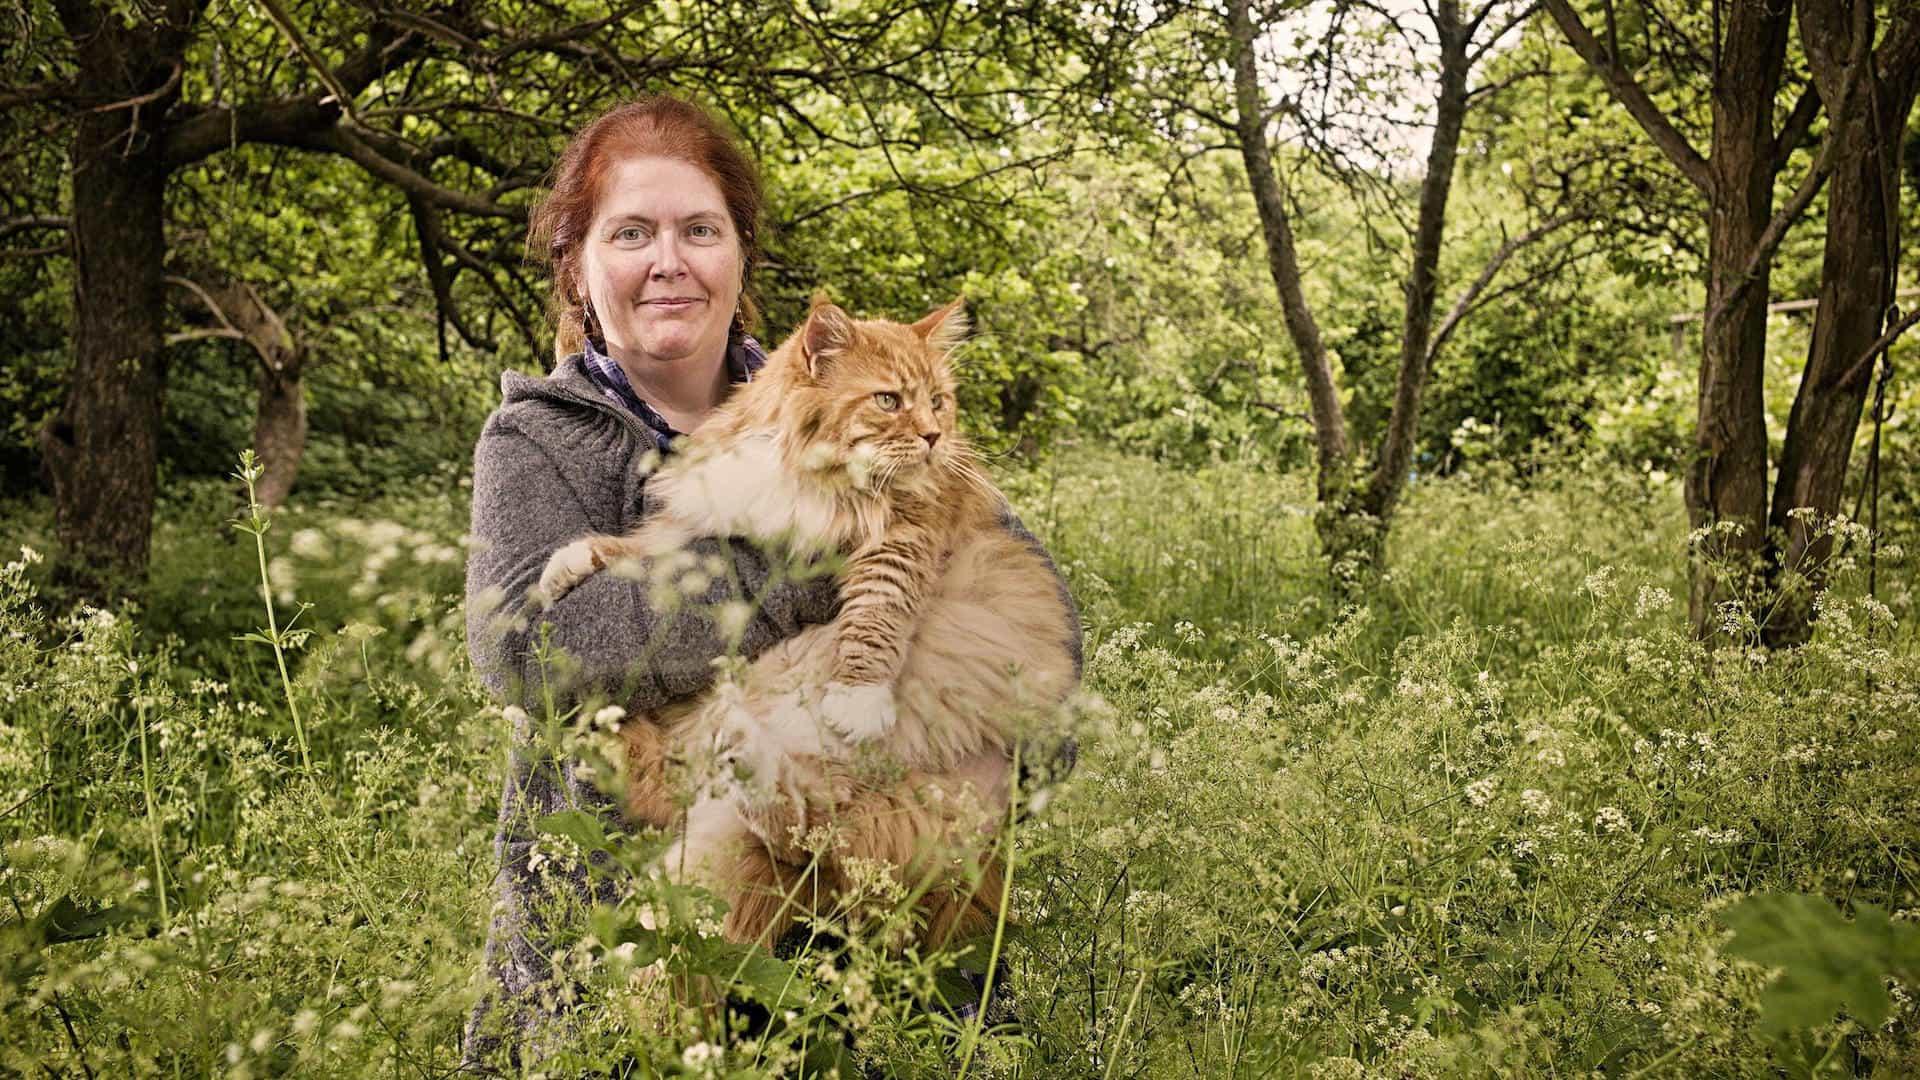 Esta es mi foto favorita e Sally Wainwright y la voy a poner siempre que pueda